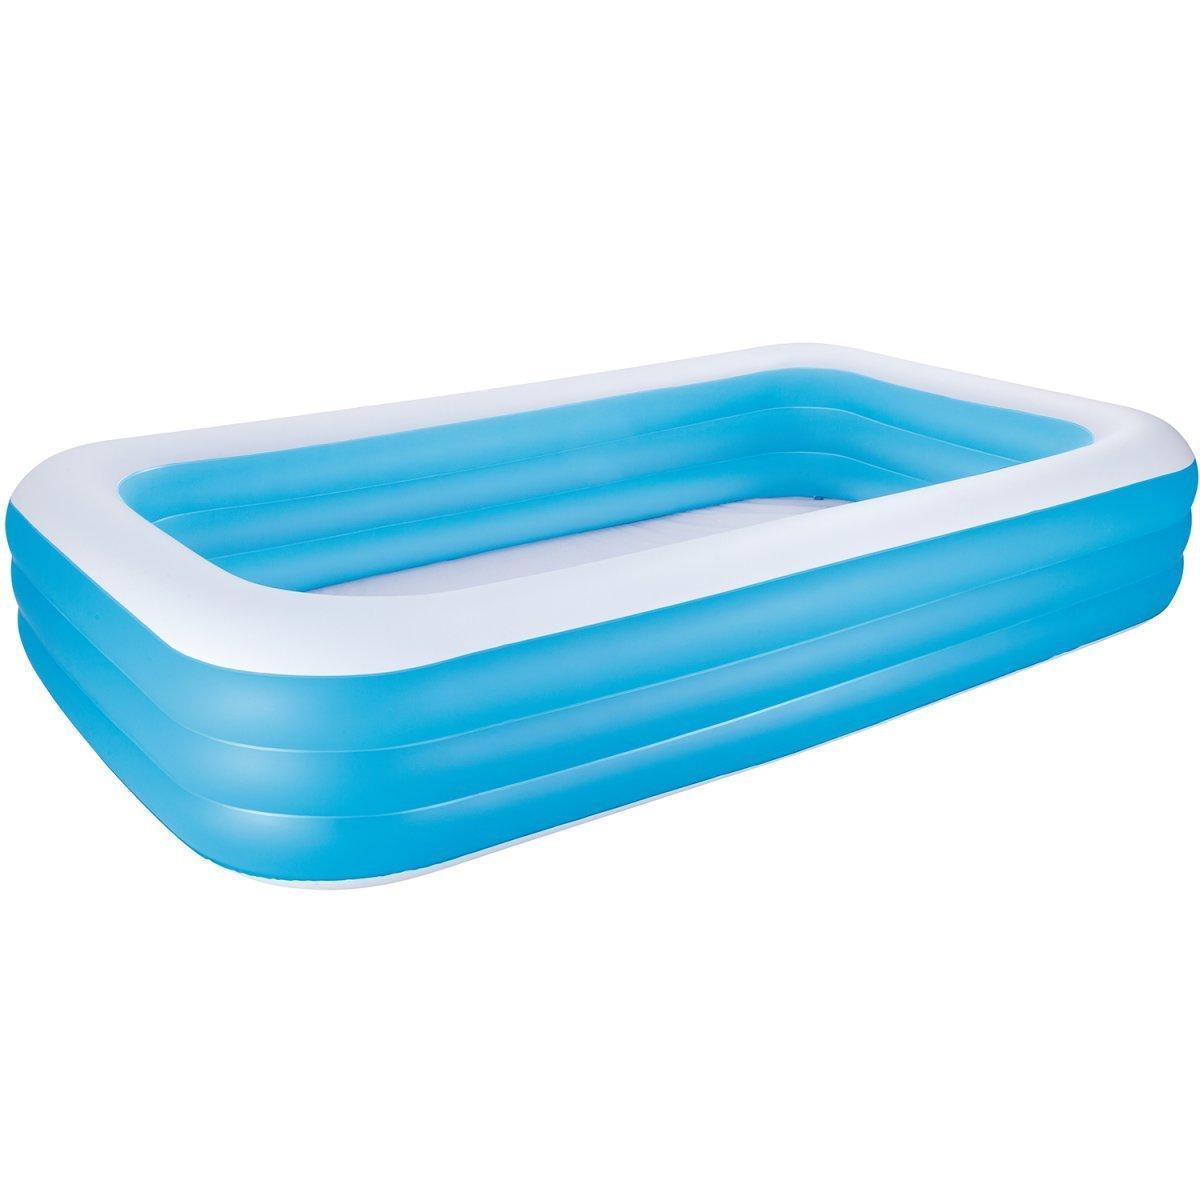 Детский надувной бассейн Bestway 54009 Семейный, 305 х 183 х 56 см